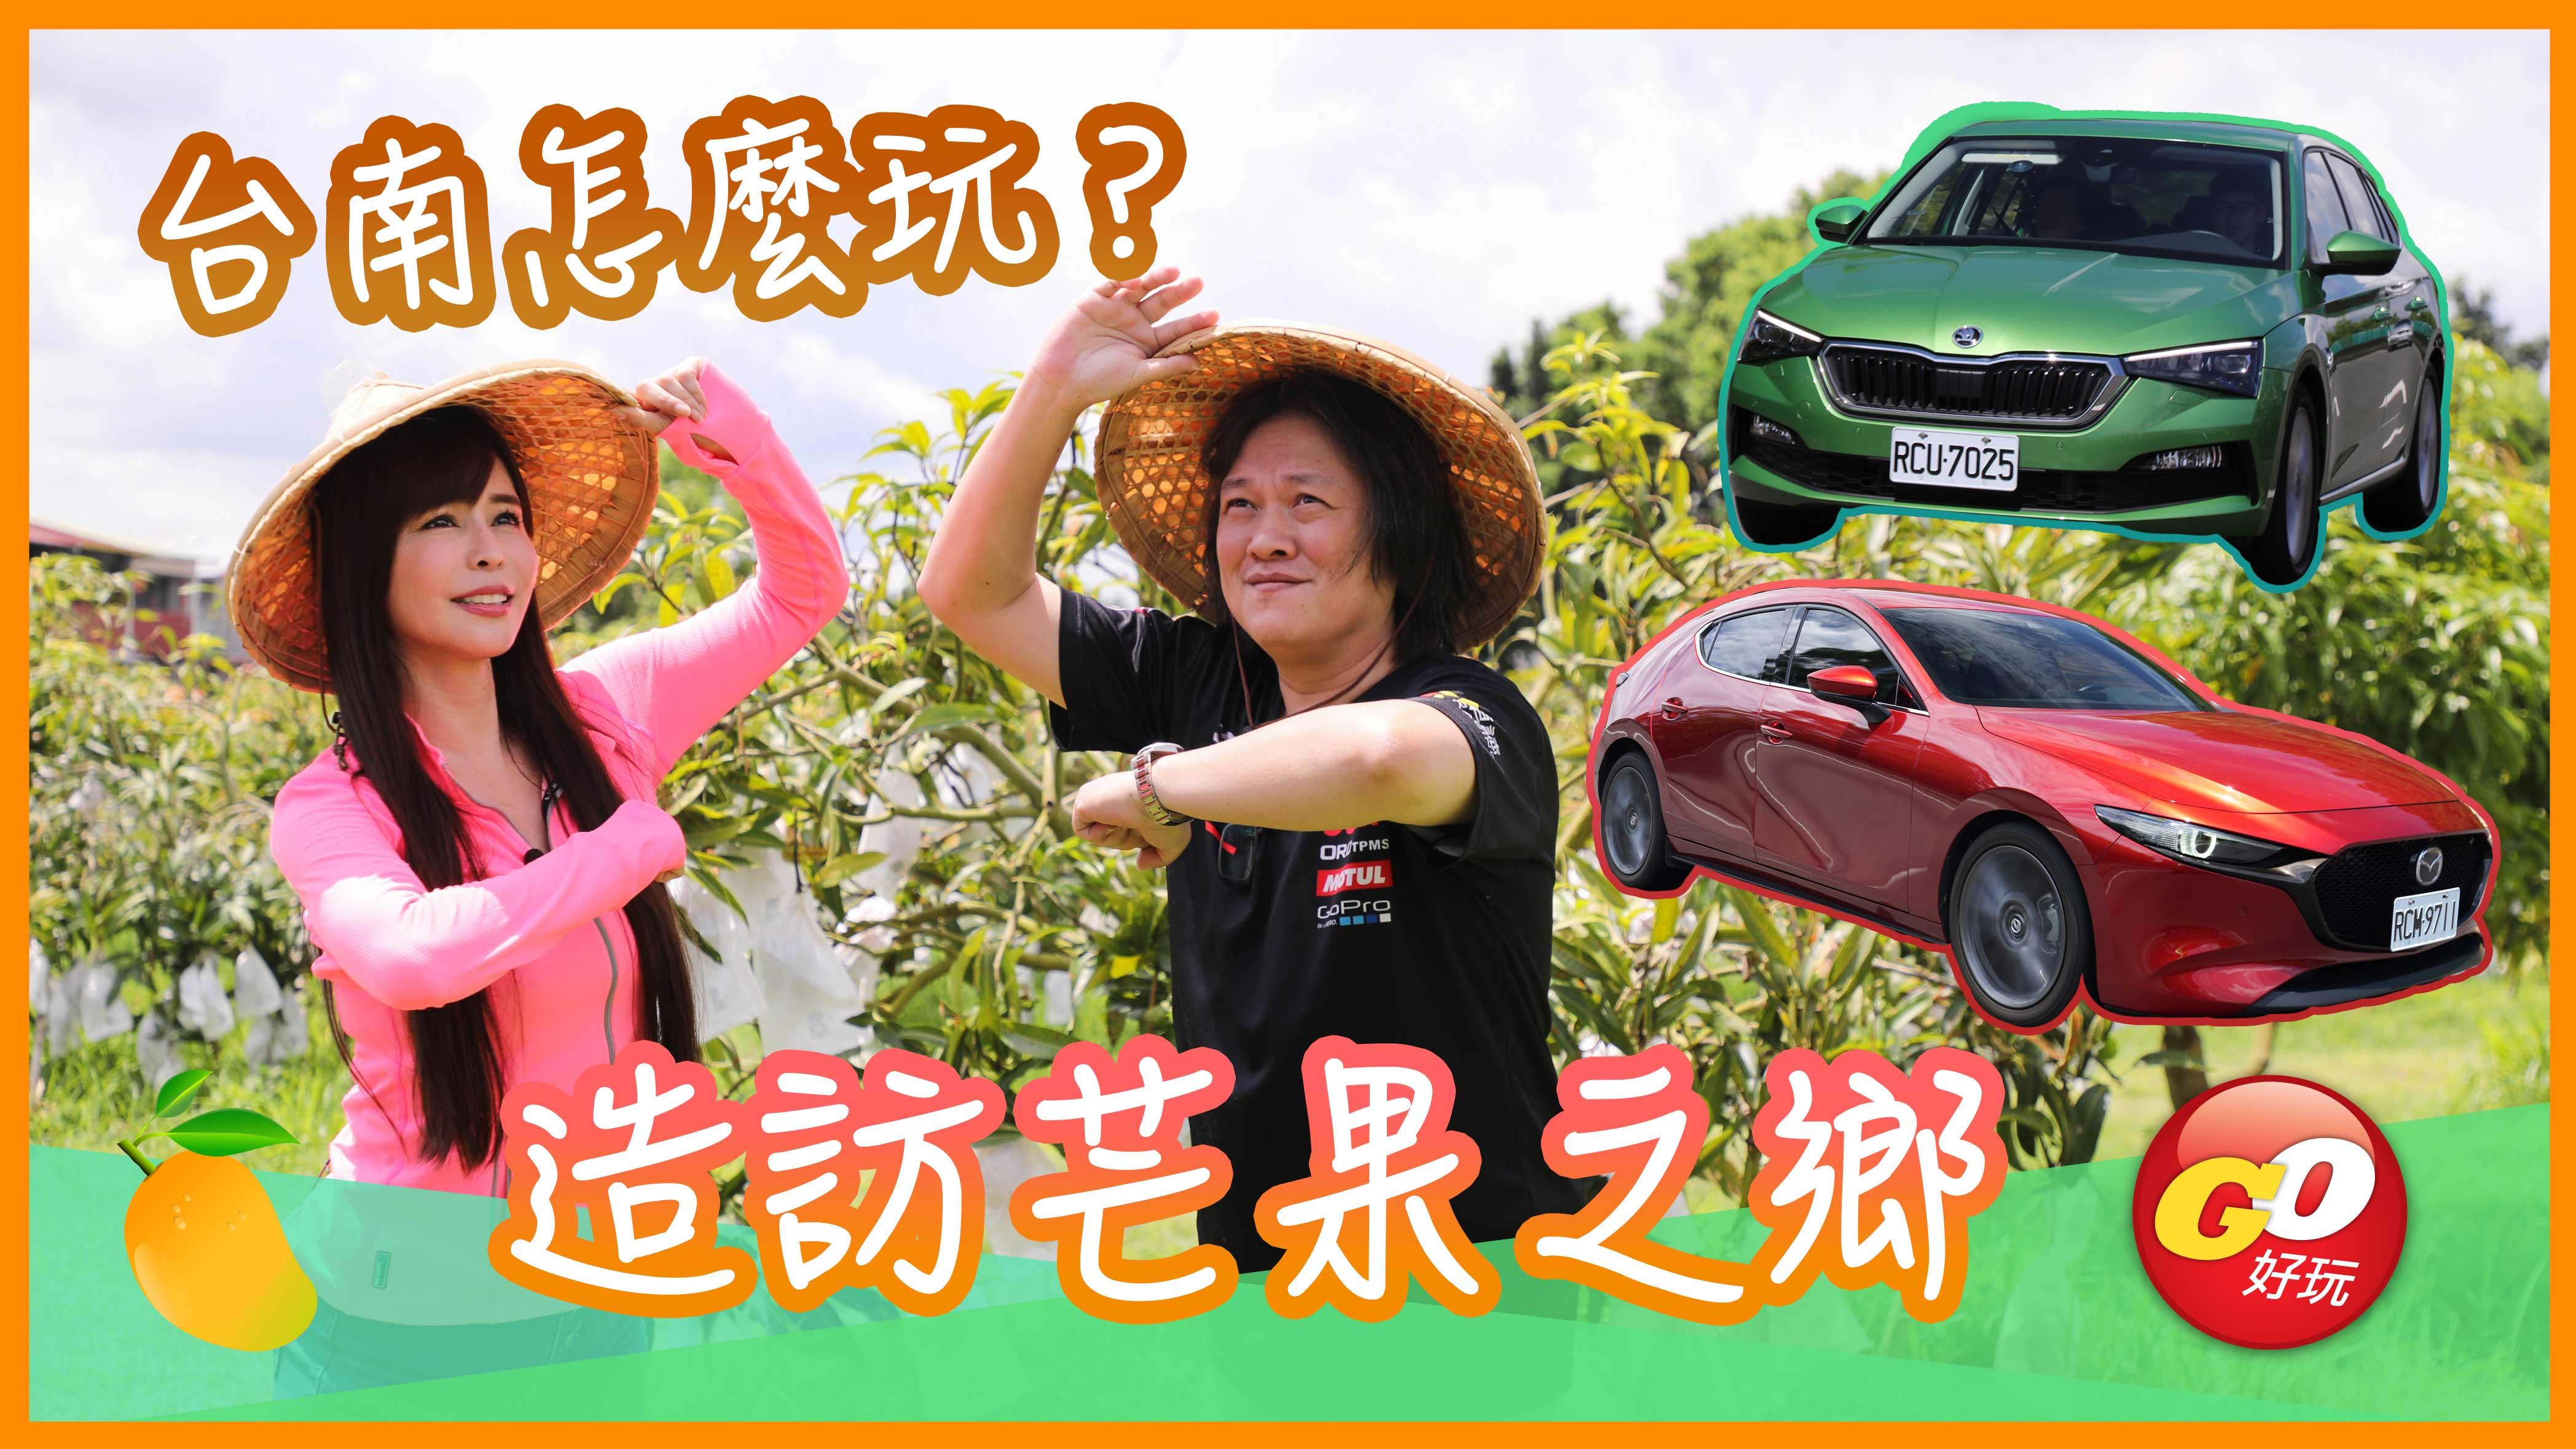 【Go好玩遊台南】猛嗑史上最狂芒果冰!古都美食吃透透|ft. Škoda Scala / Mazda 3